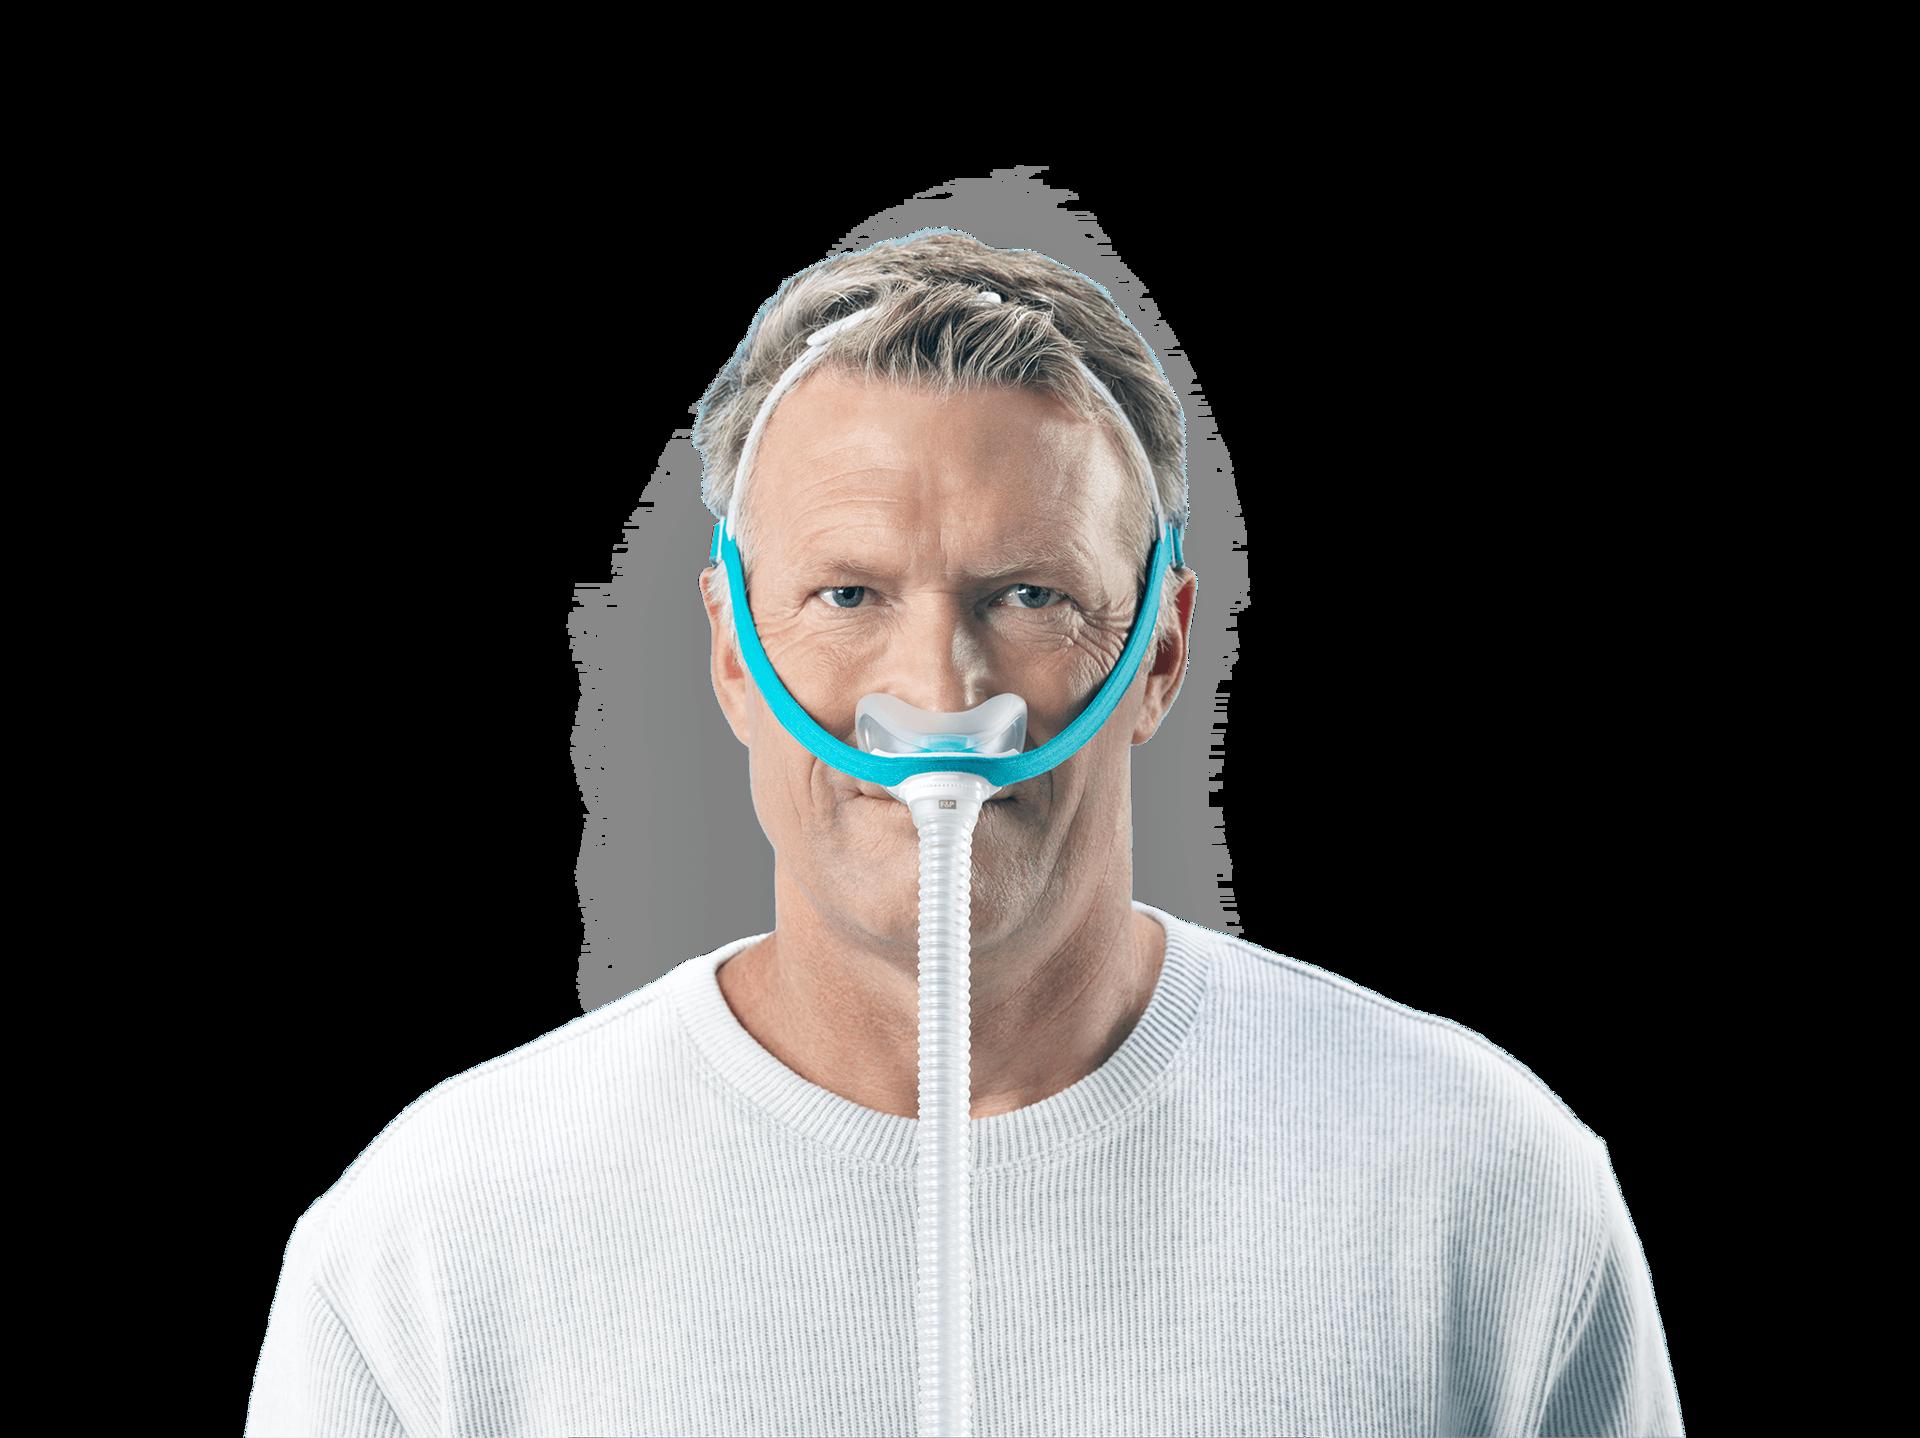 Masque nasal Evora